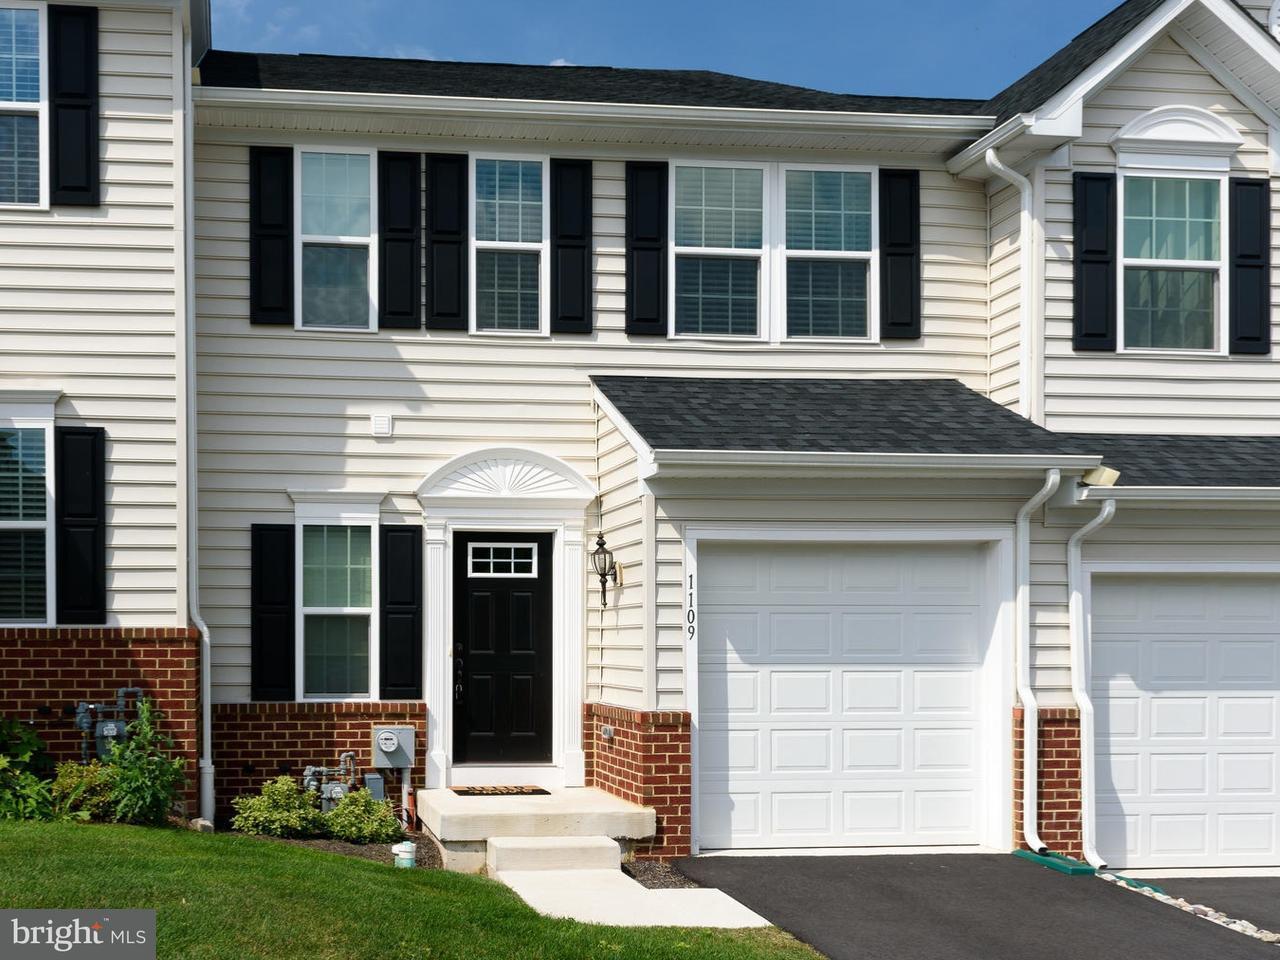 联栋屋 为 出租 在 1109 SAGEVIEW Drive 波茨敦, 宾夕法尼亚州 19464 美国